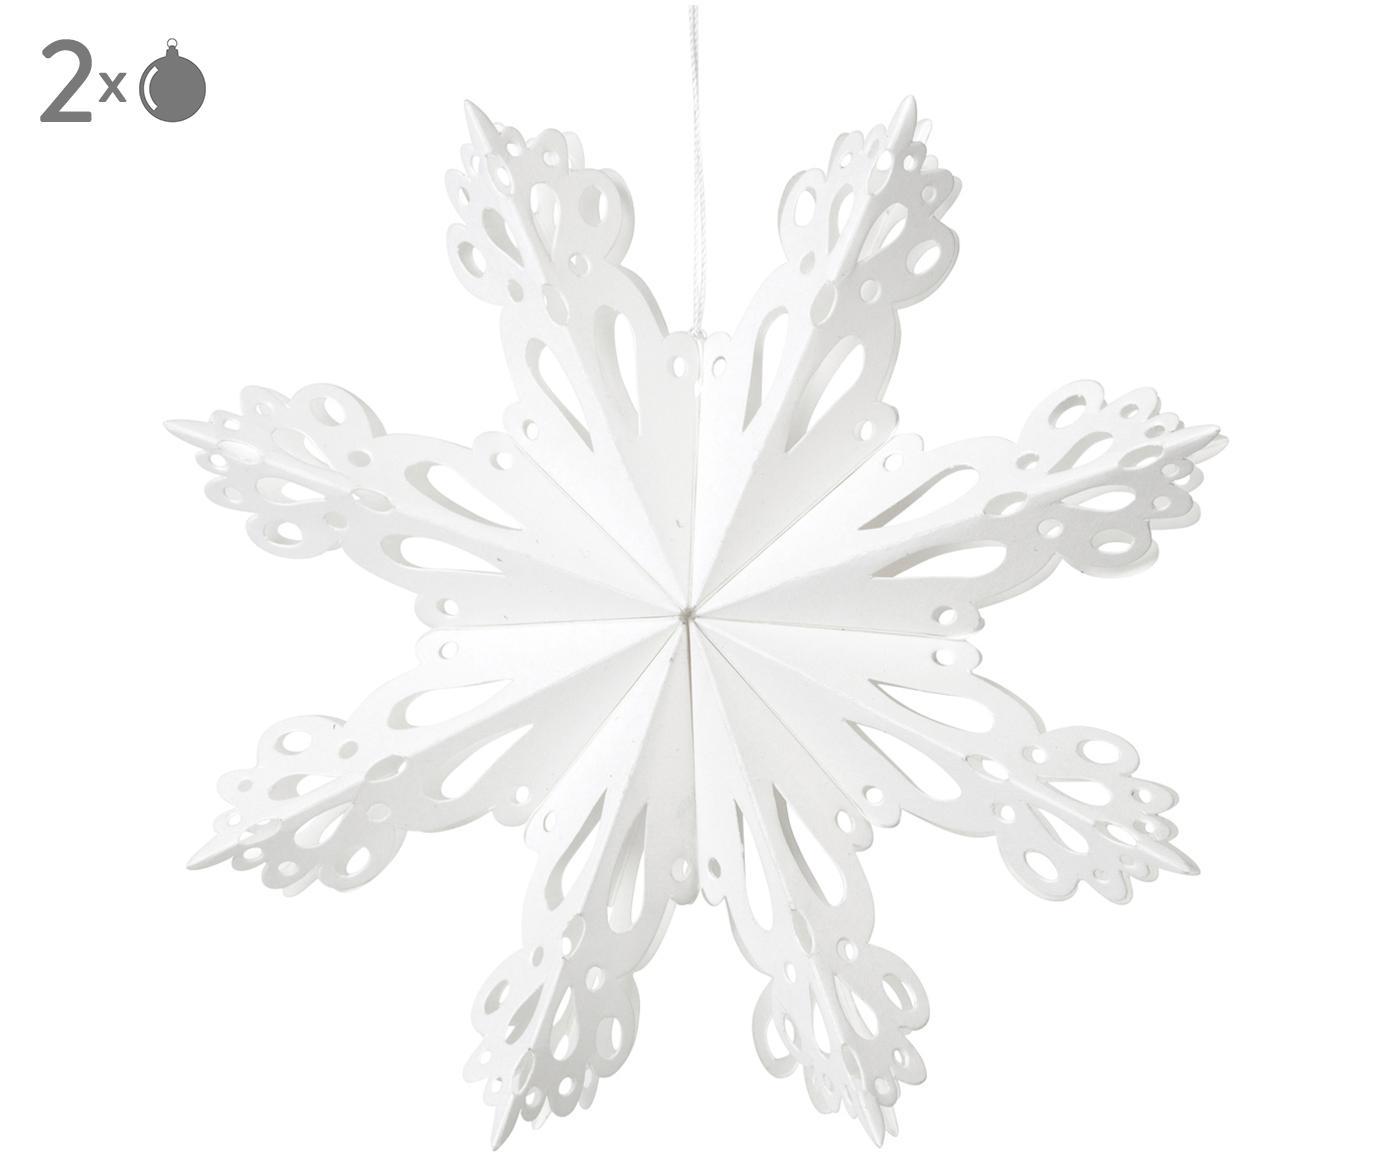 Baumanhänger Snowflake, 2 Stück, Papier, Weiß, Ø 15 cm